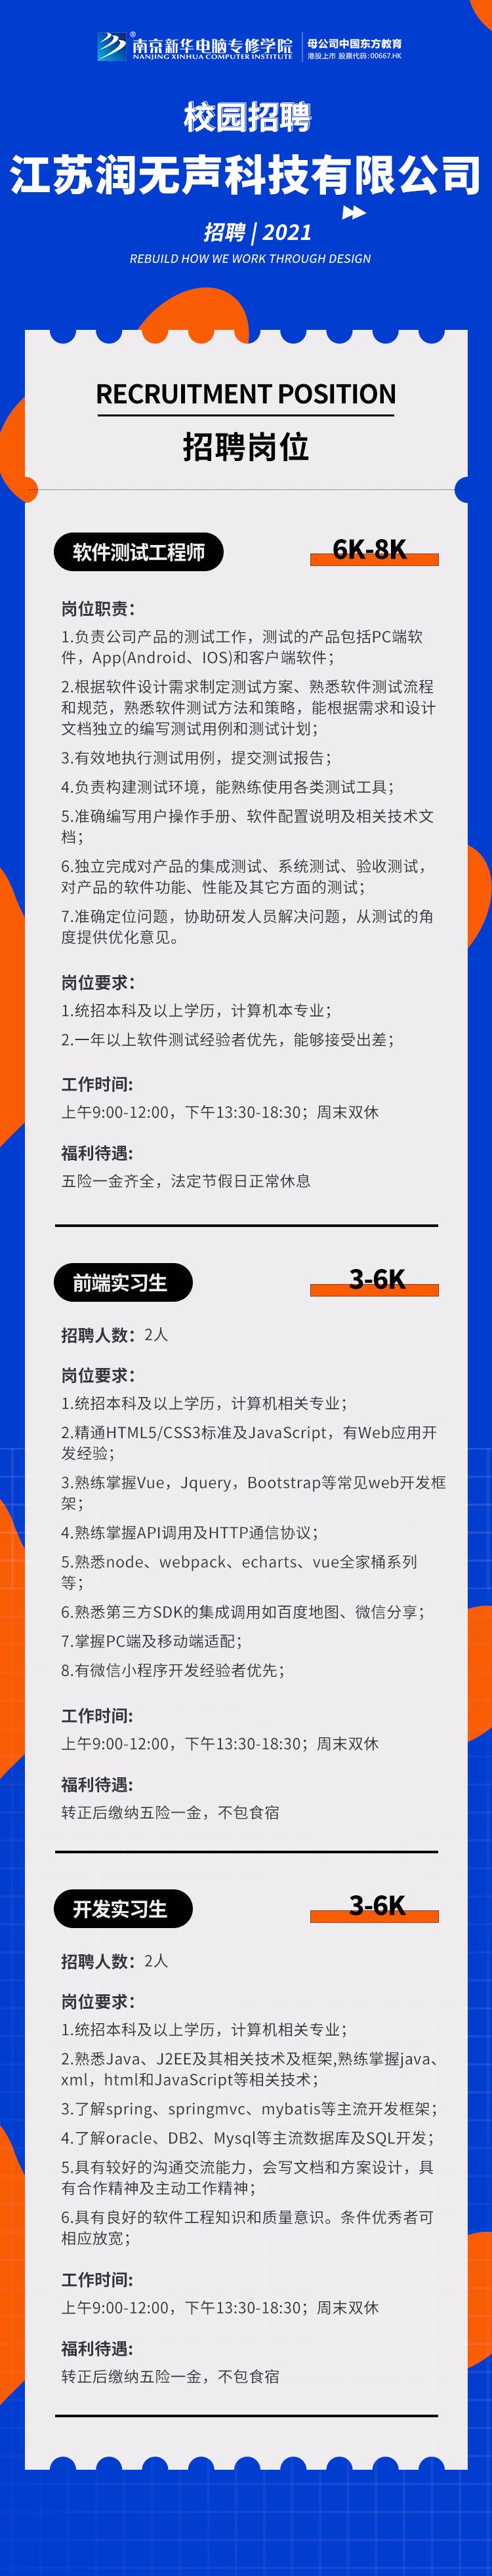 江苏润无声科技有限公司